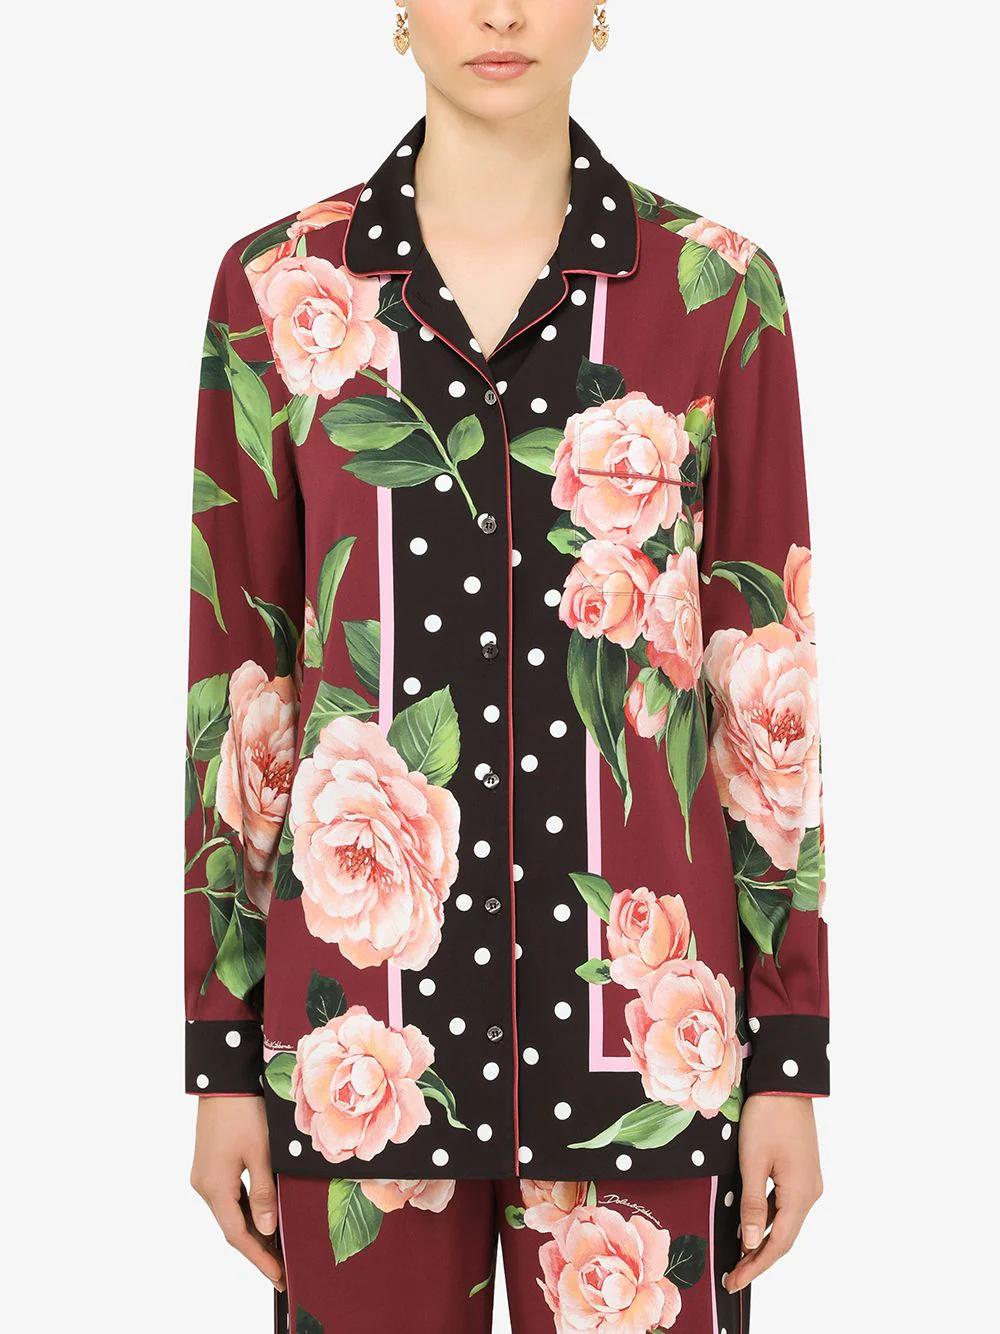 Dolce & Gabbana Printed Silk Shirt 2445лв